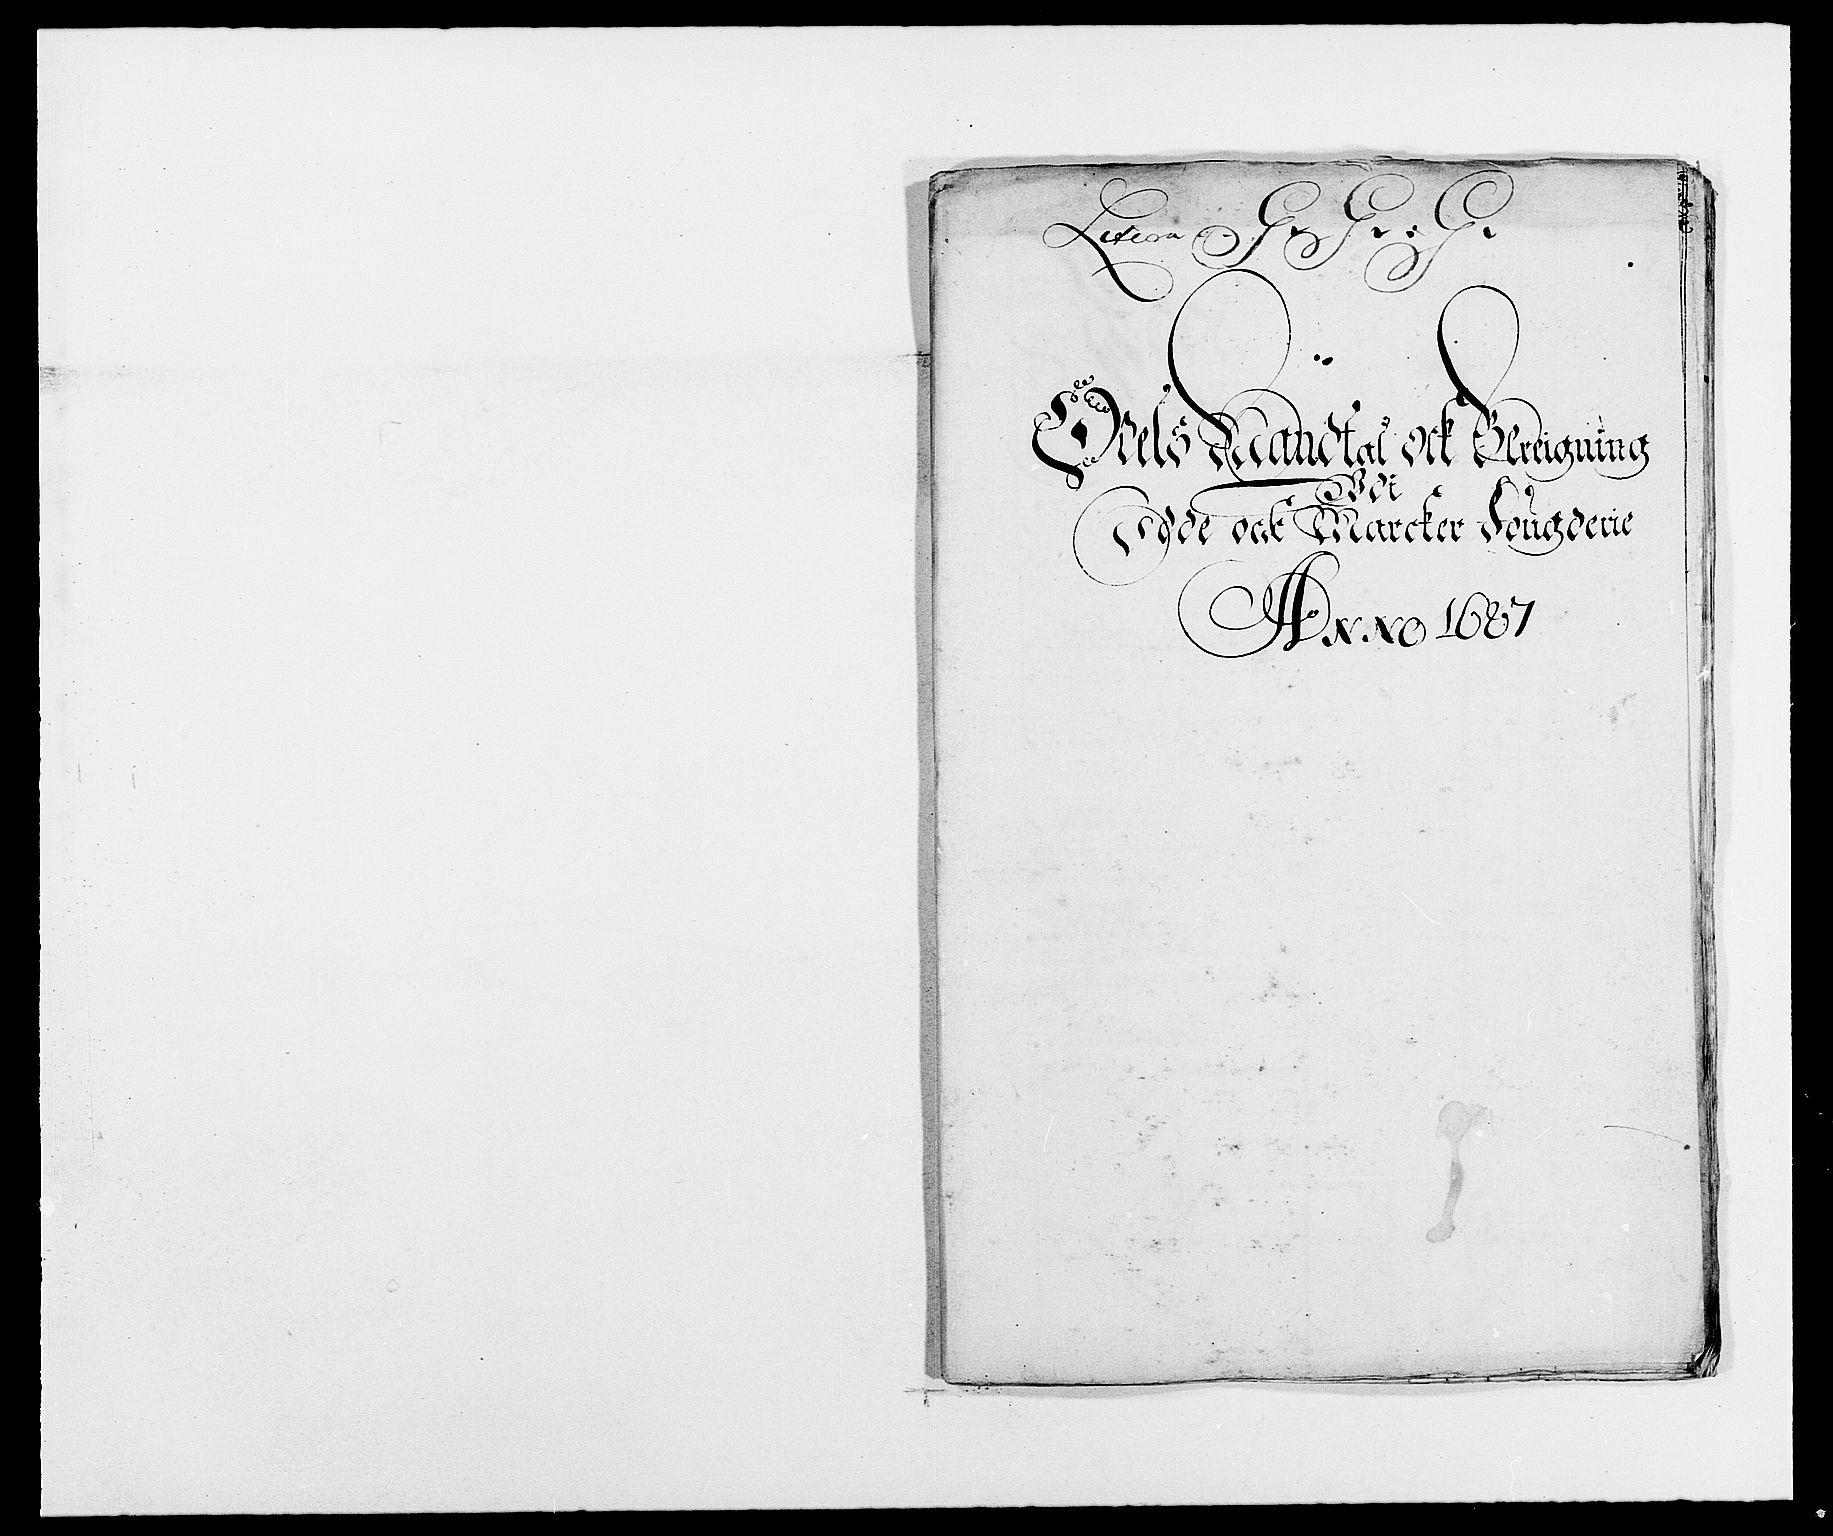 RA, Rentekammeret inntil 1814, Reviderte regnskaper, Fogderegnskap, R01/L0007: Fogderegnskap Idd og Marker, 1687-1688, s. 146